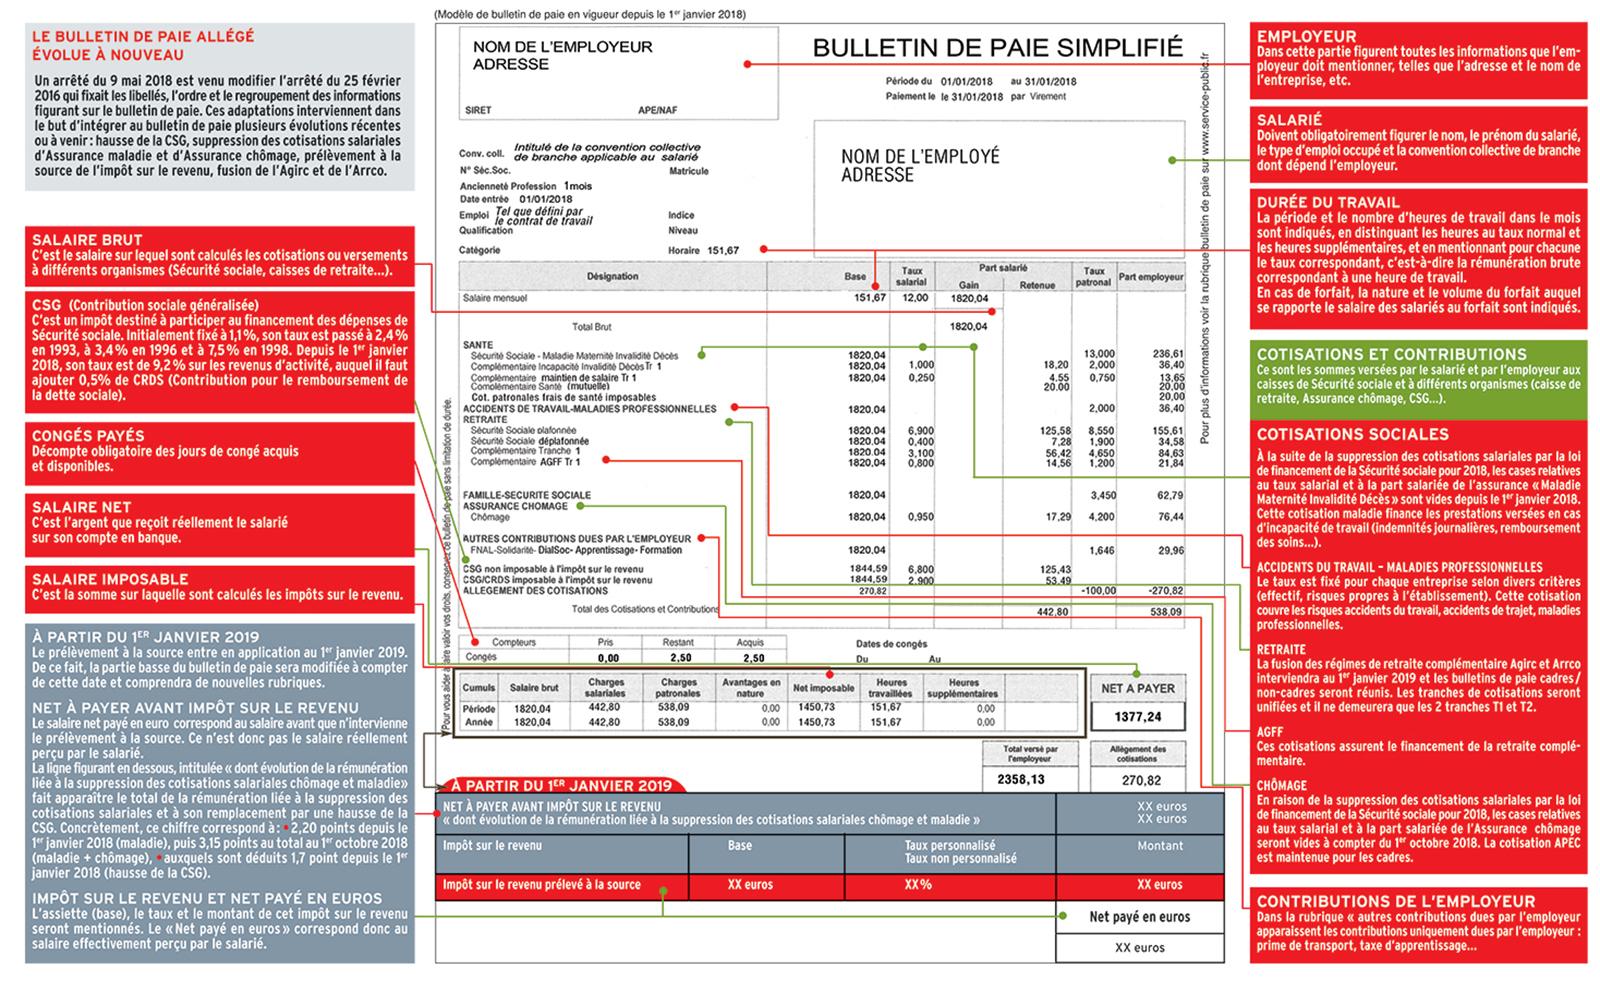 b2a1ef13b4d Le bulletin de paie allégé évolue à nouveau - Force Ouvrière